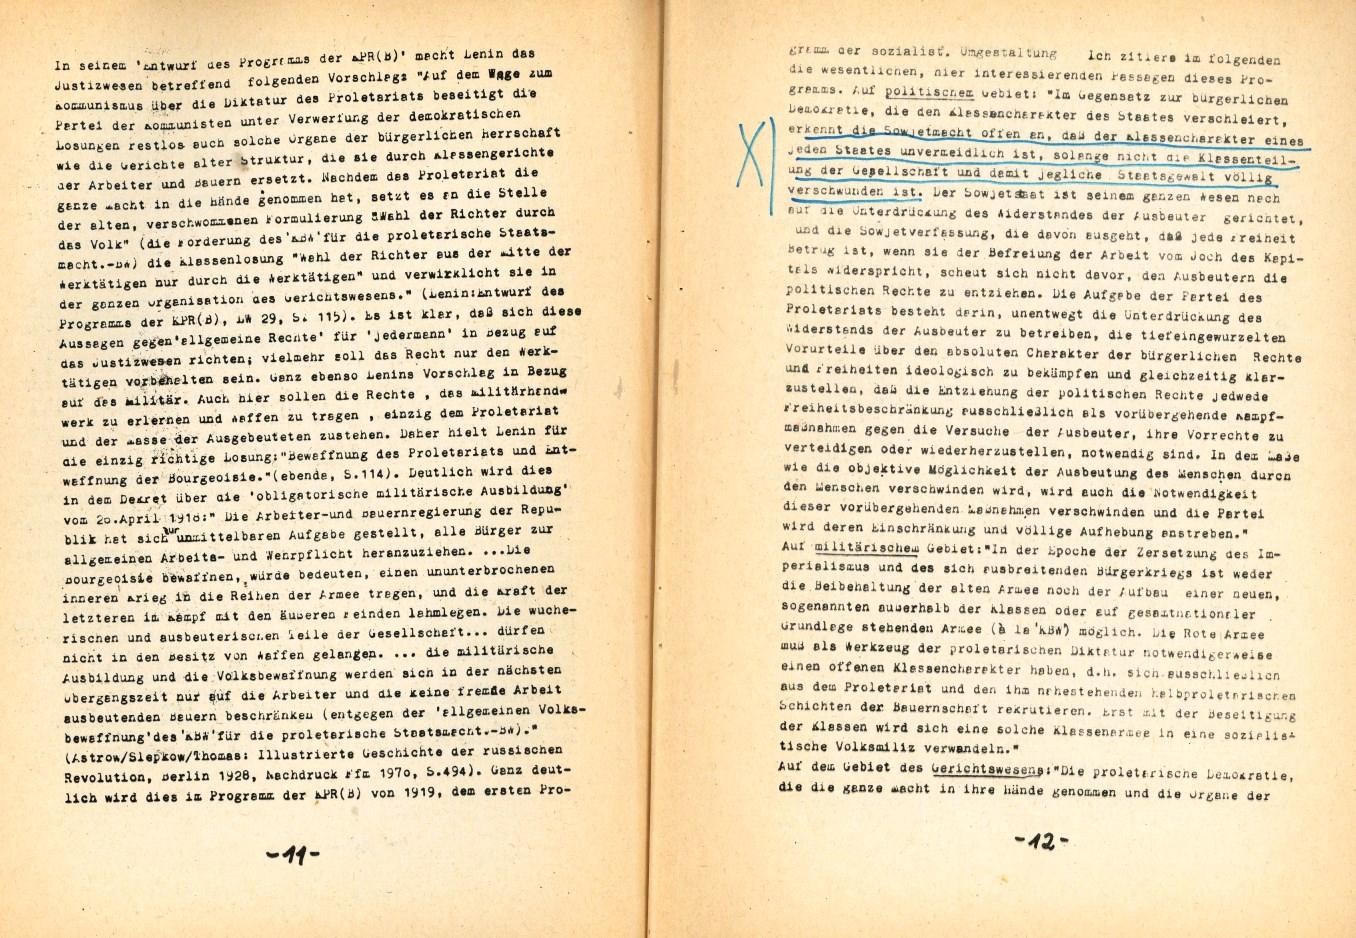 Giessen_MSB_1976_Der_KBW_eine_rechte_Organisation_08